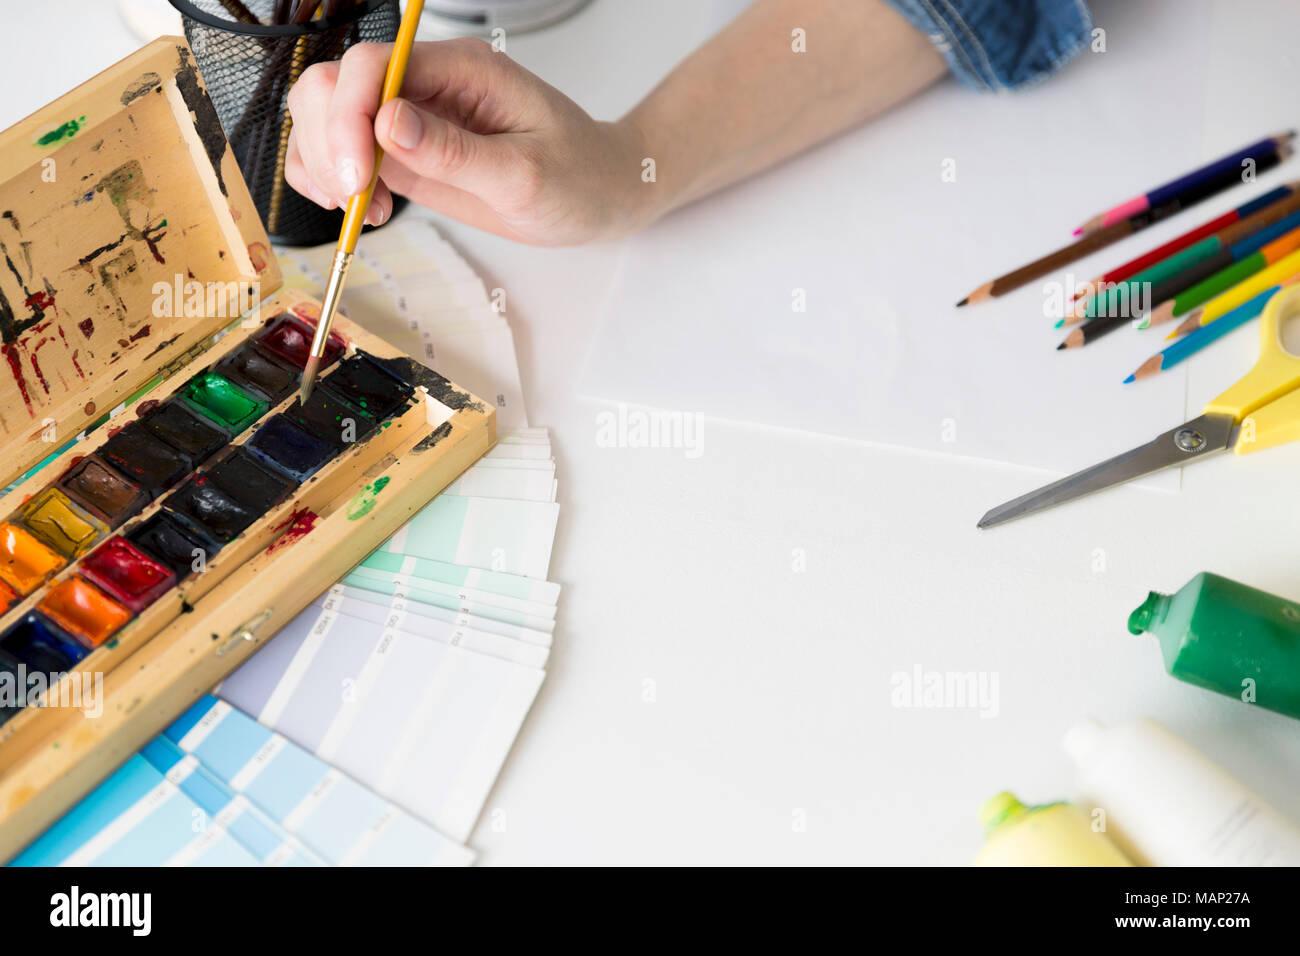 Ideen Kreative Cccupation Design Studio Malerei Start Konzept. Frau  Arbeiten Mit Farbe Und Farben